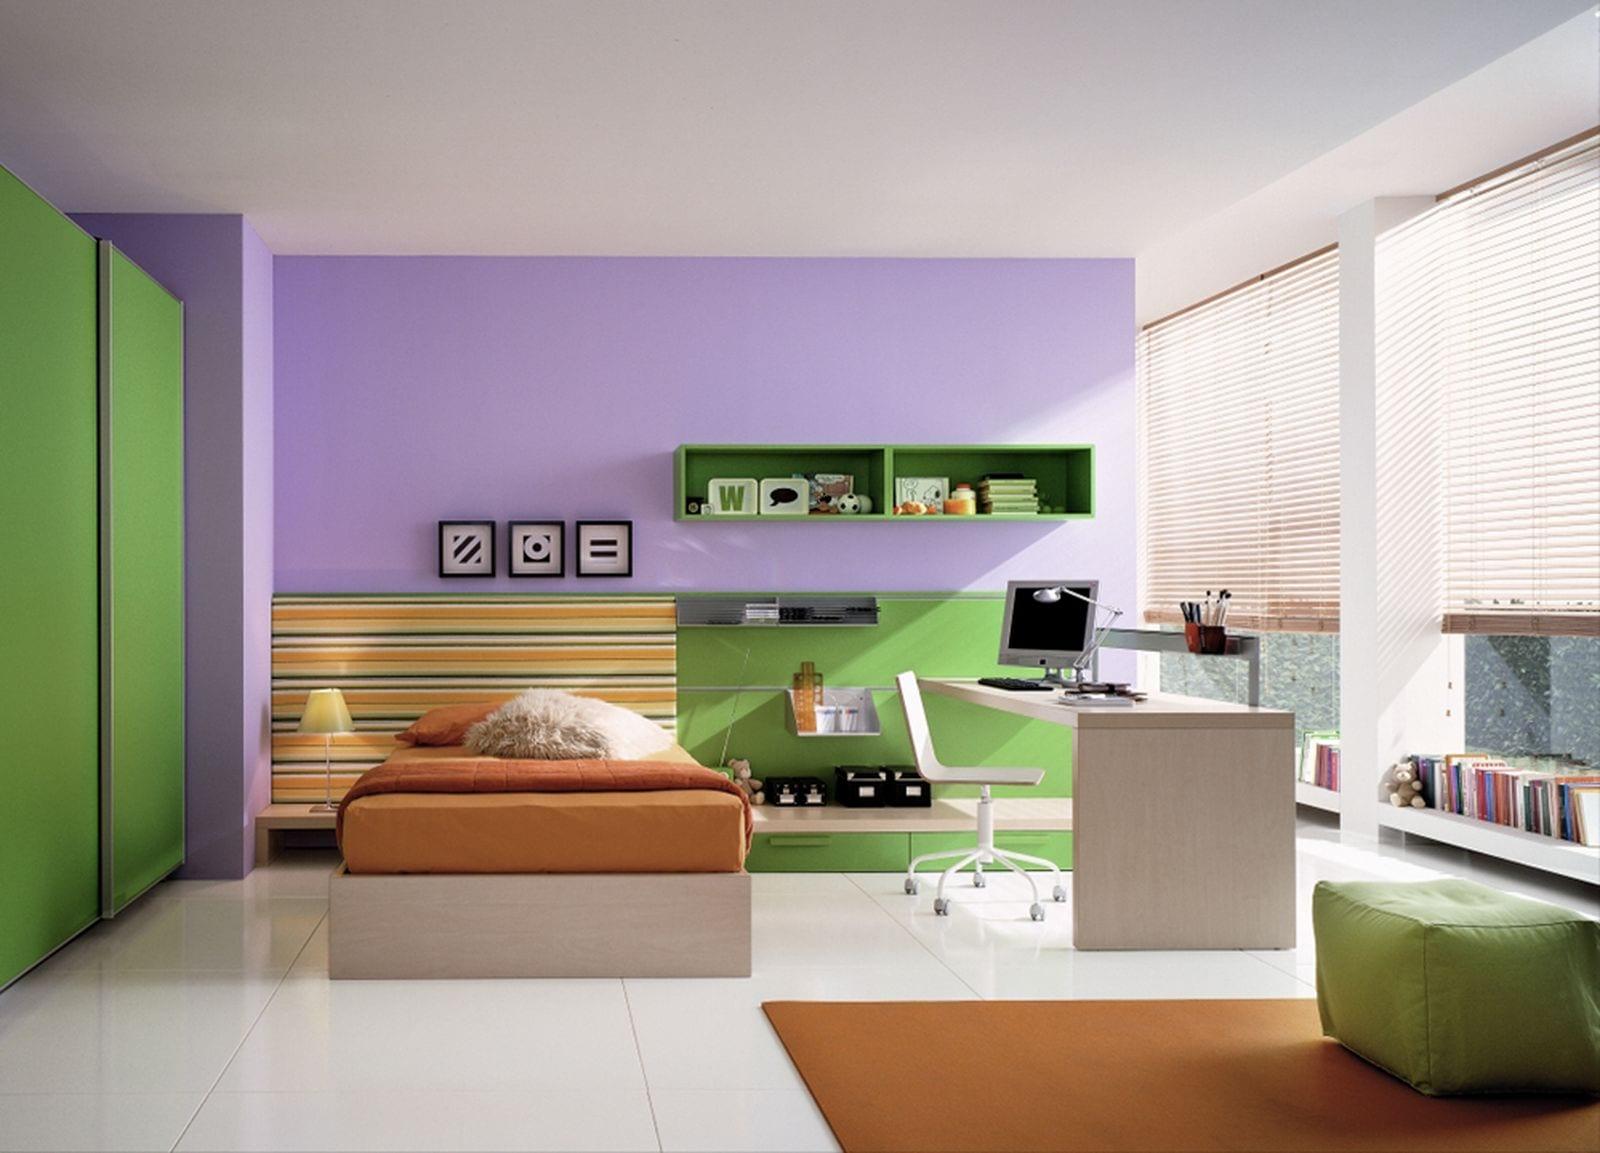 minimalistische Einrichtung des Kinderzimmers in lila mit grünem Kleiderschrank